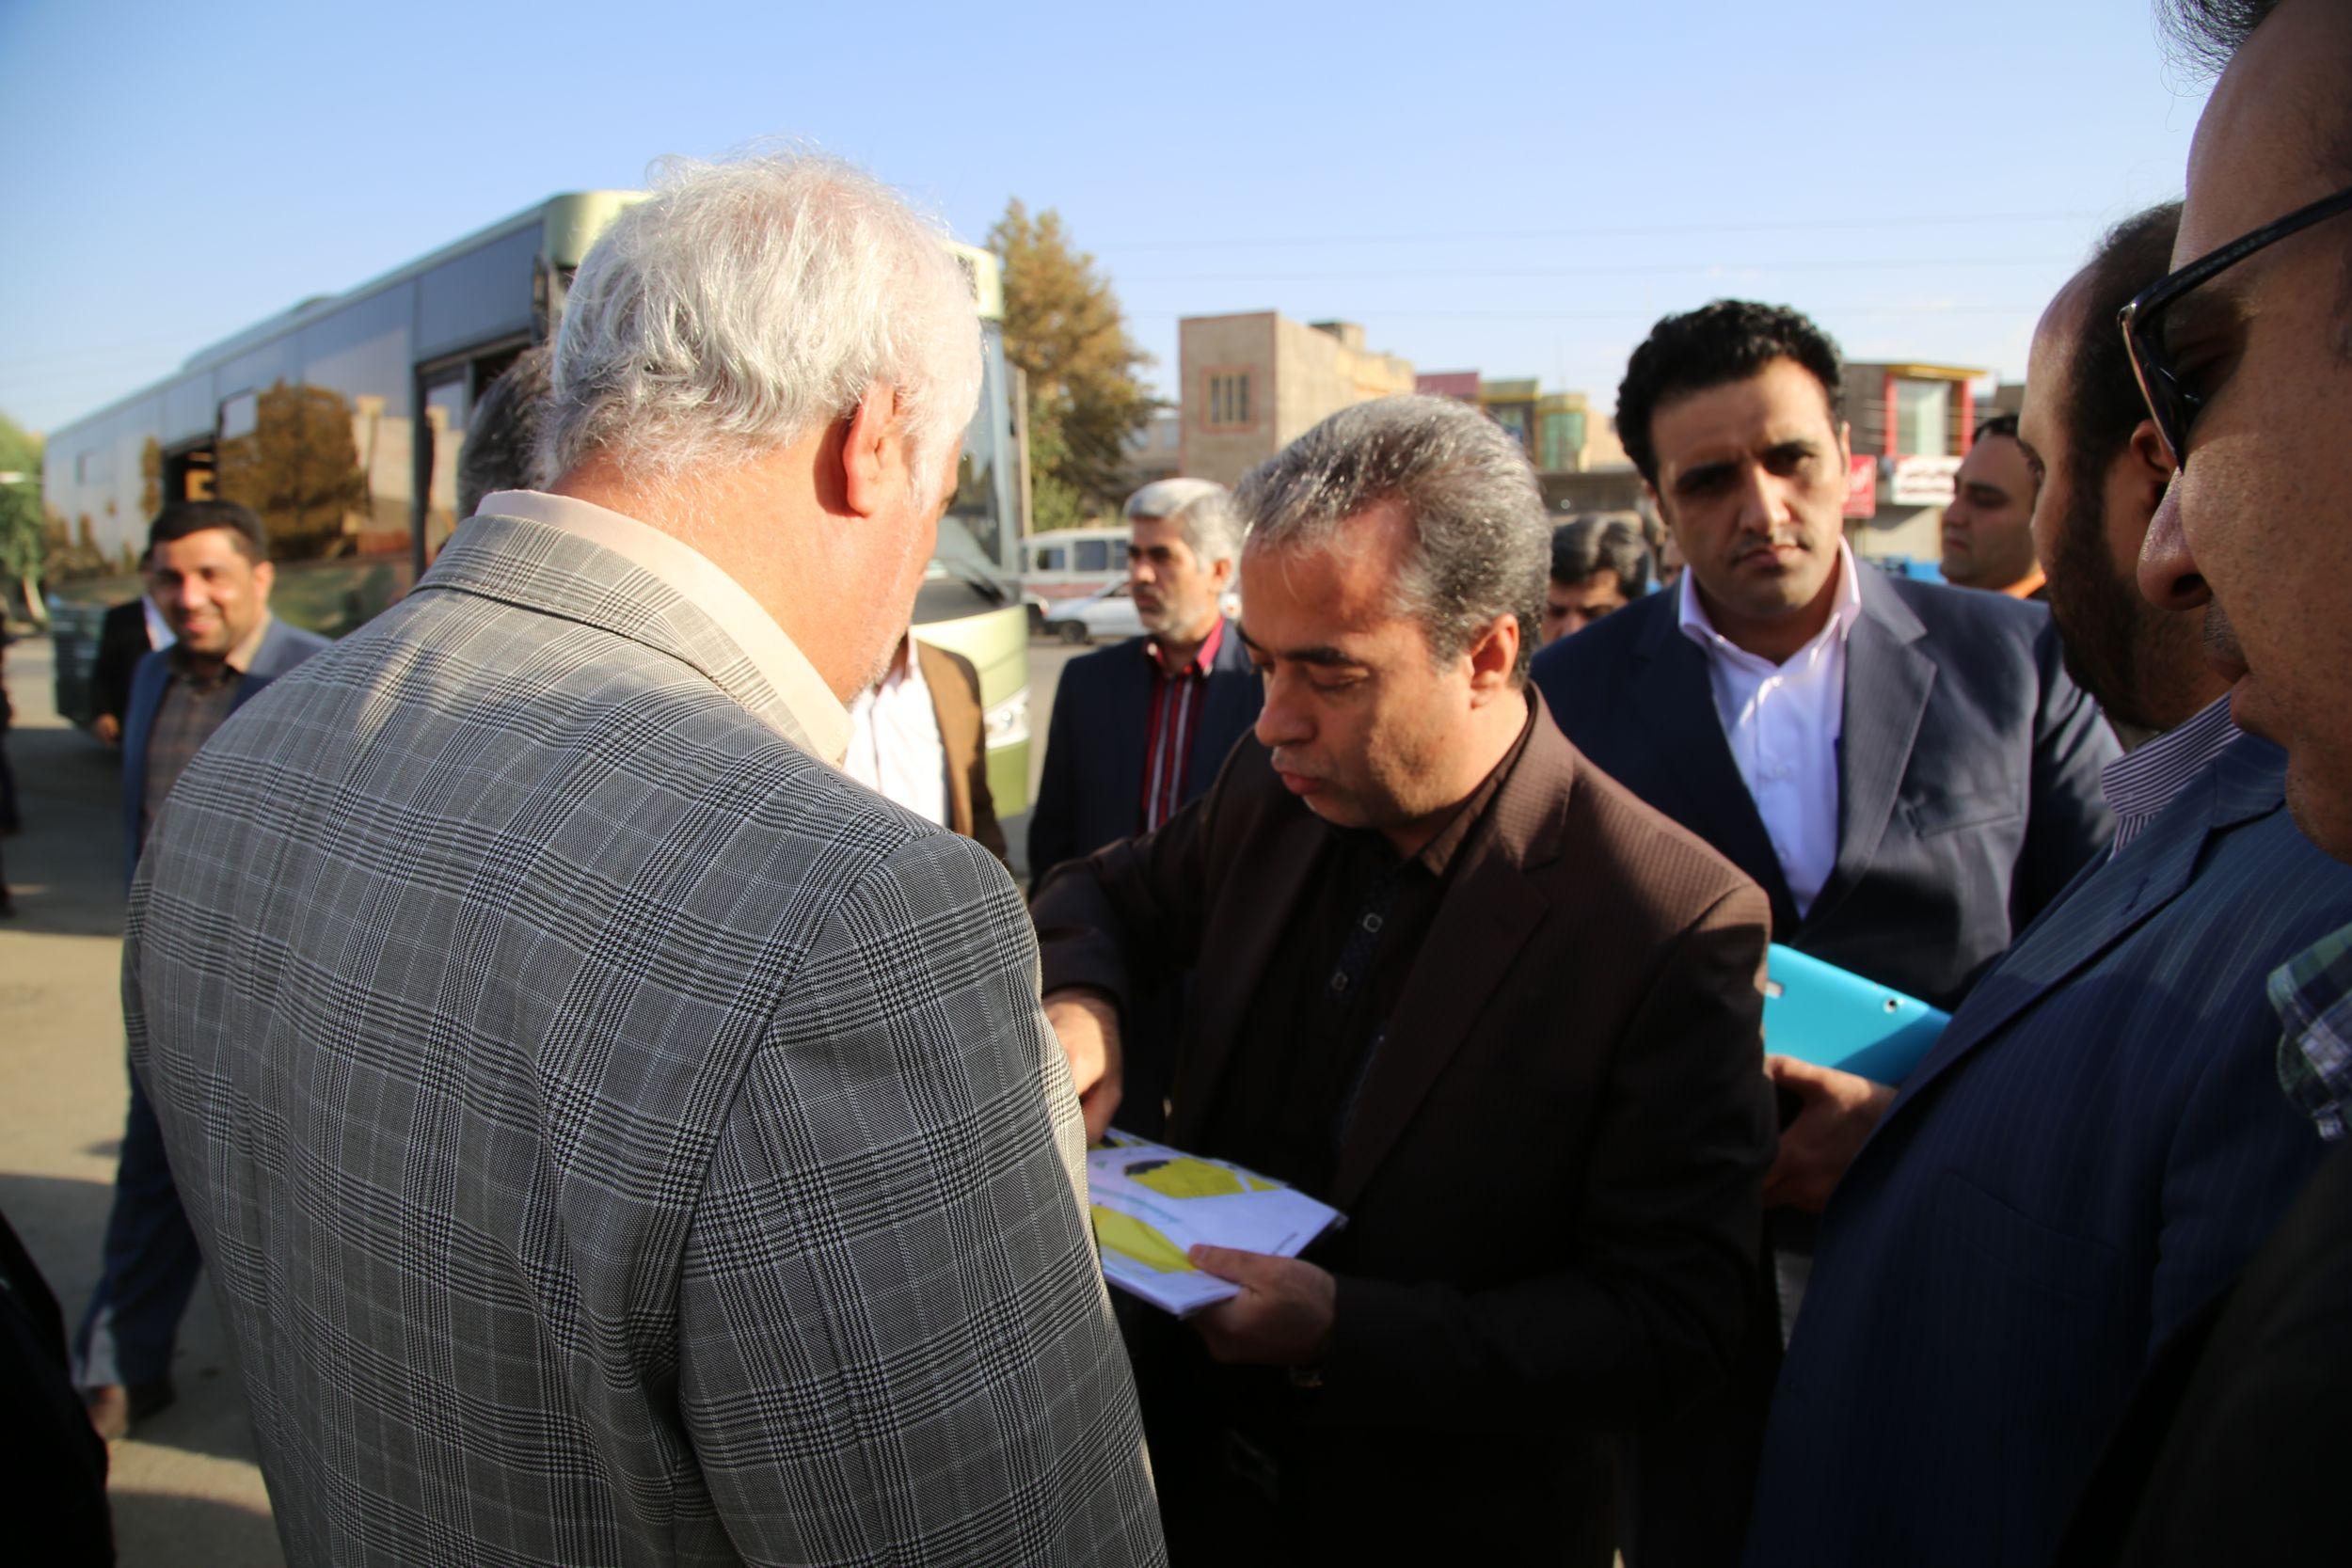 شهردار ورامین خبر داد:۴۰۰ میلیارد بابت پروژه های عمرانی شهر ورامین هزینه شده است/سال ۹۴ سالی سراسر کار و تلاش مضاعف در شهرداری ورامین